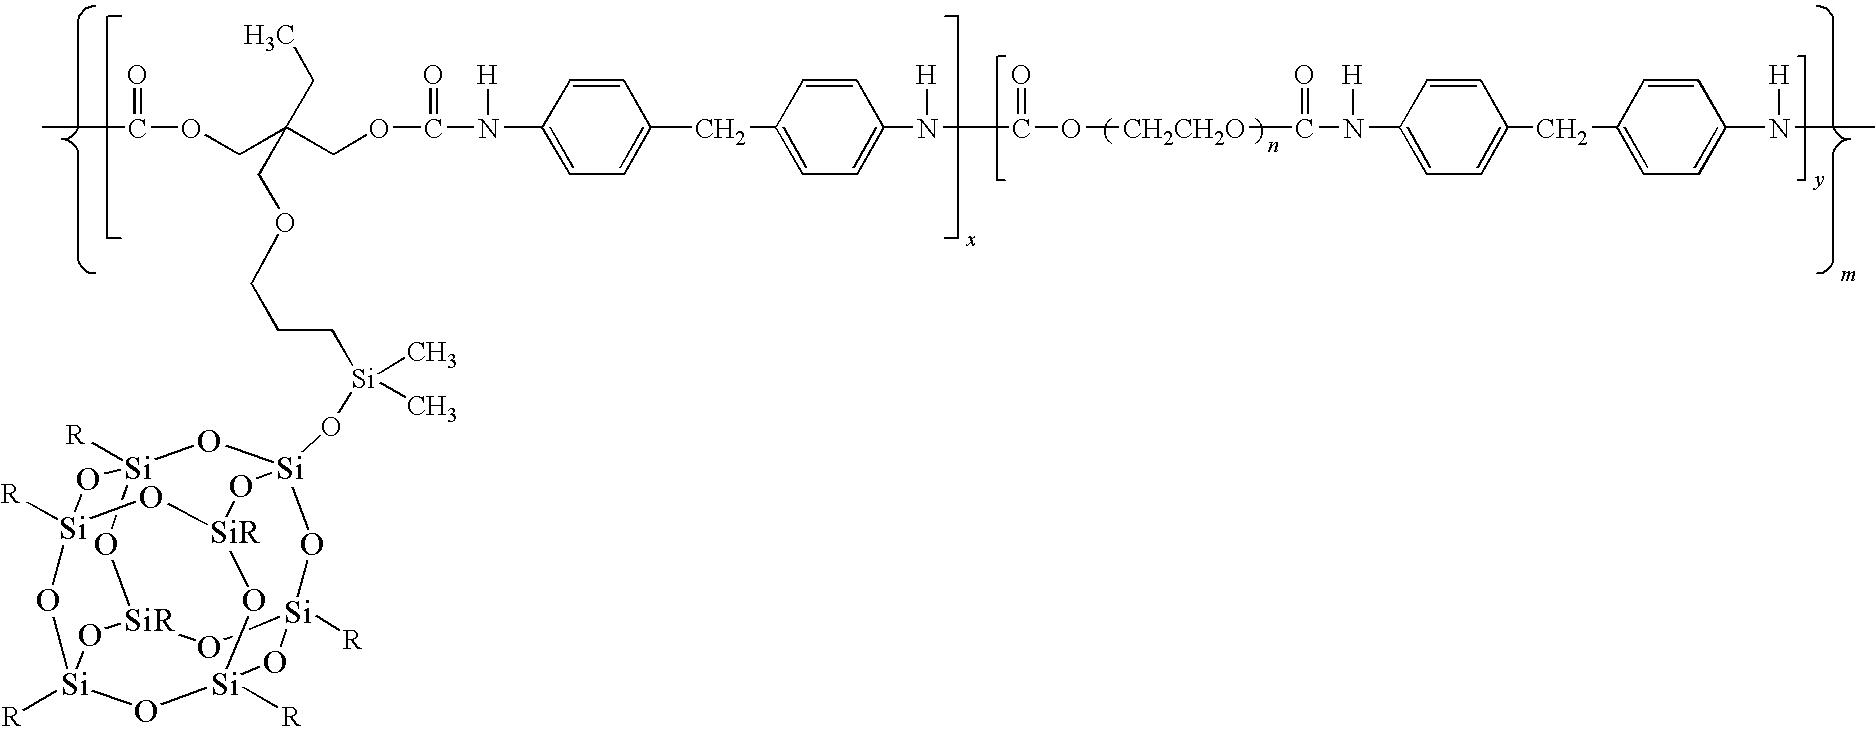 Figure US20090253842A1-20091008-C00007